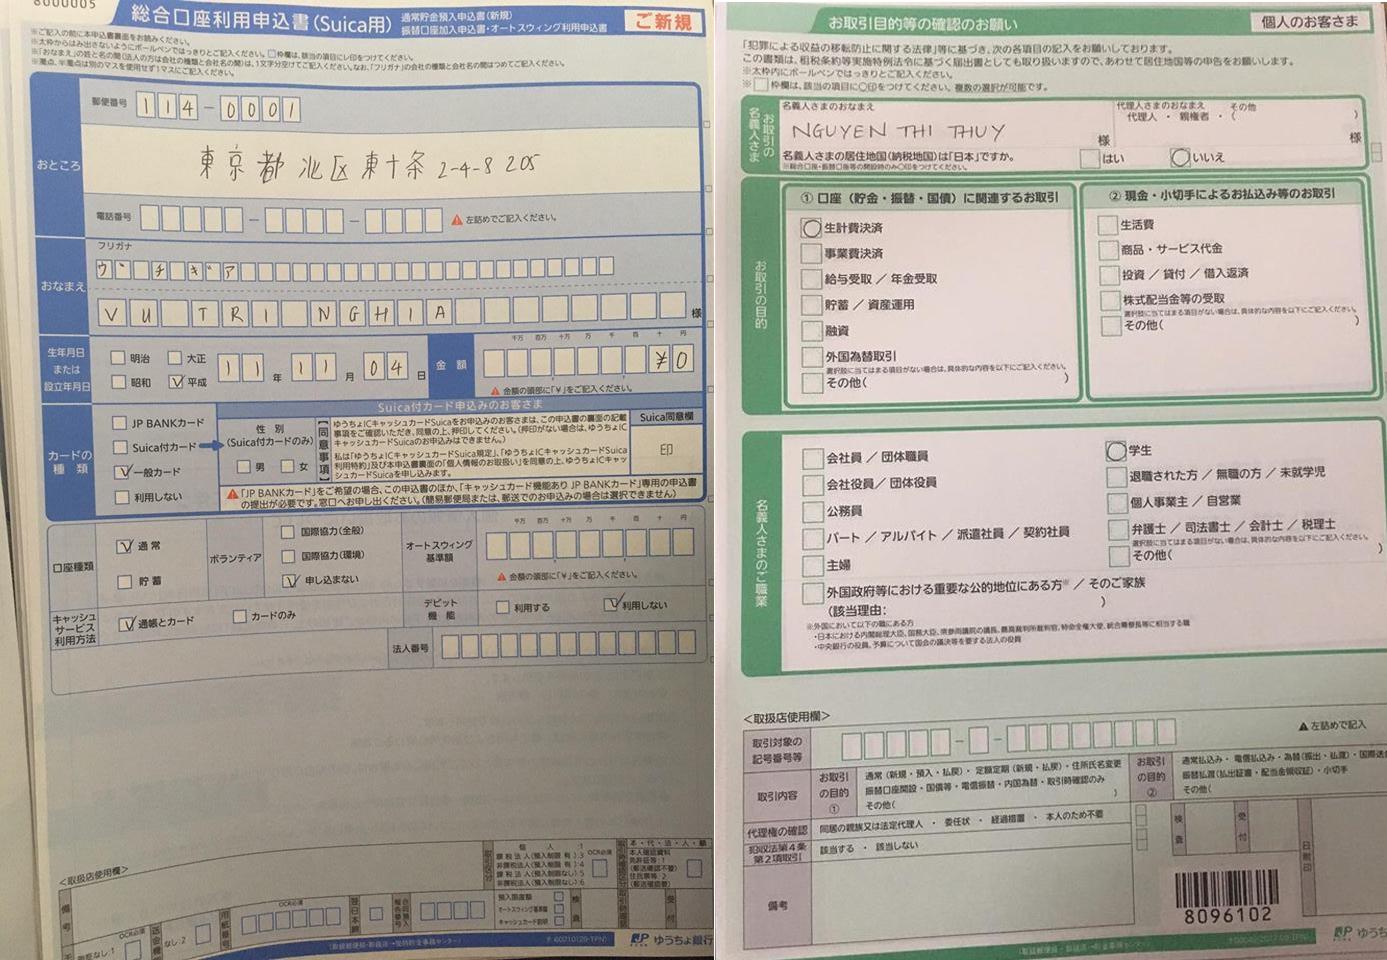 Hình ảnh: Biểu mẫu đăng ký ngân hàng